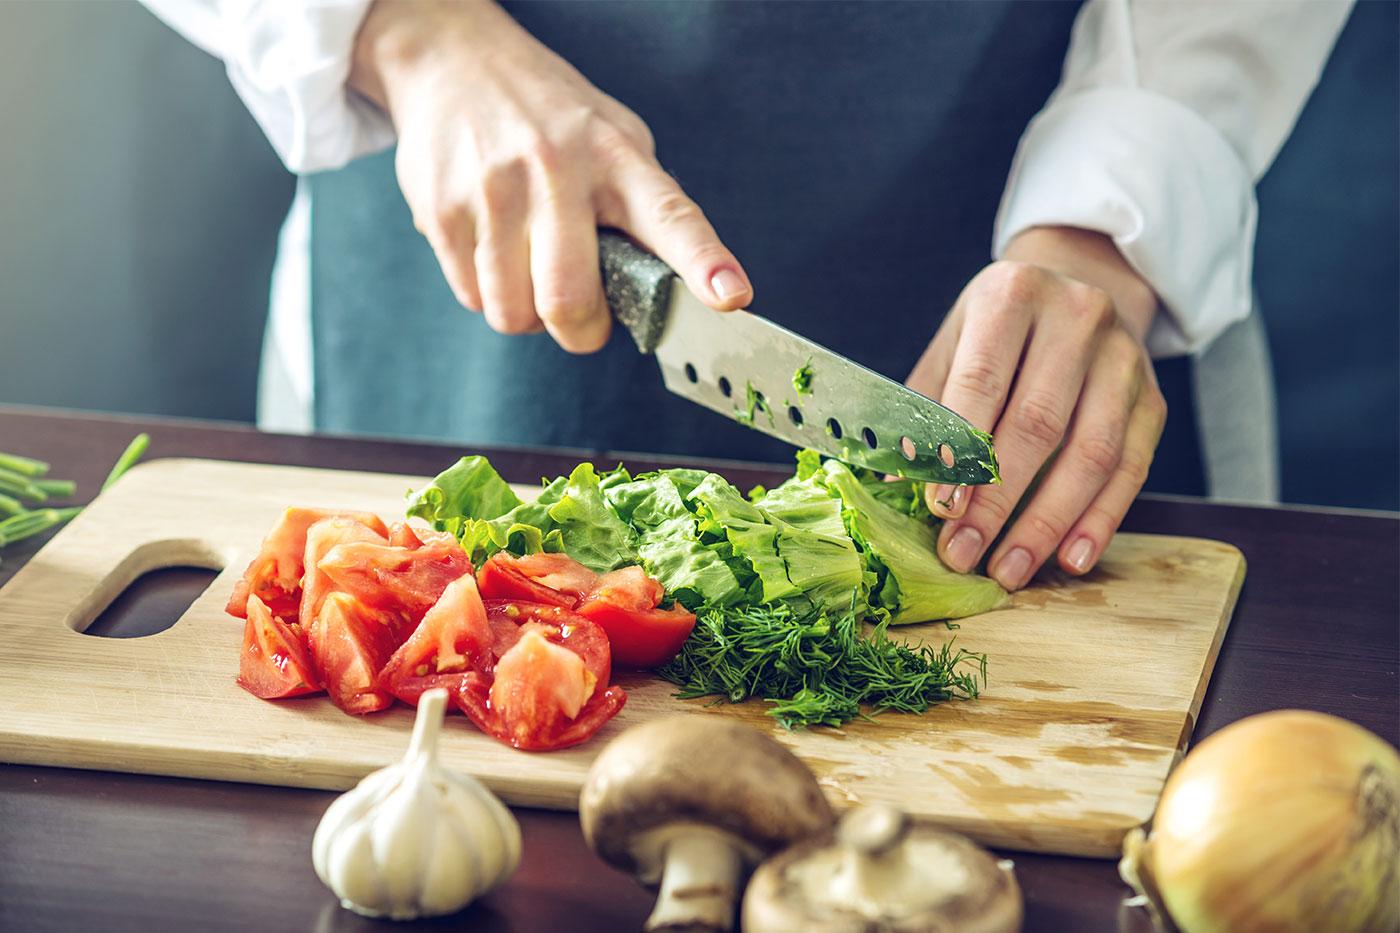 Veja como o preparo pode alterar o valor nutricional dos alimentos